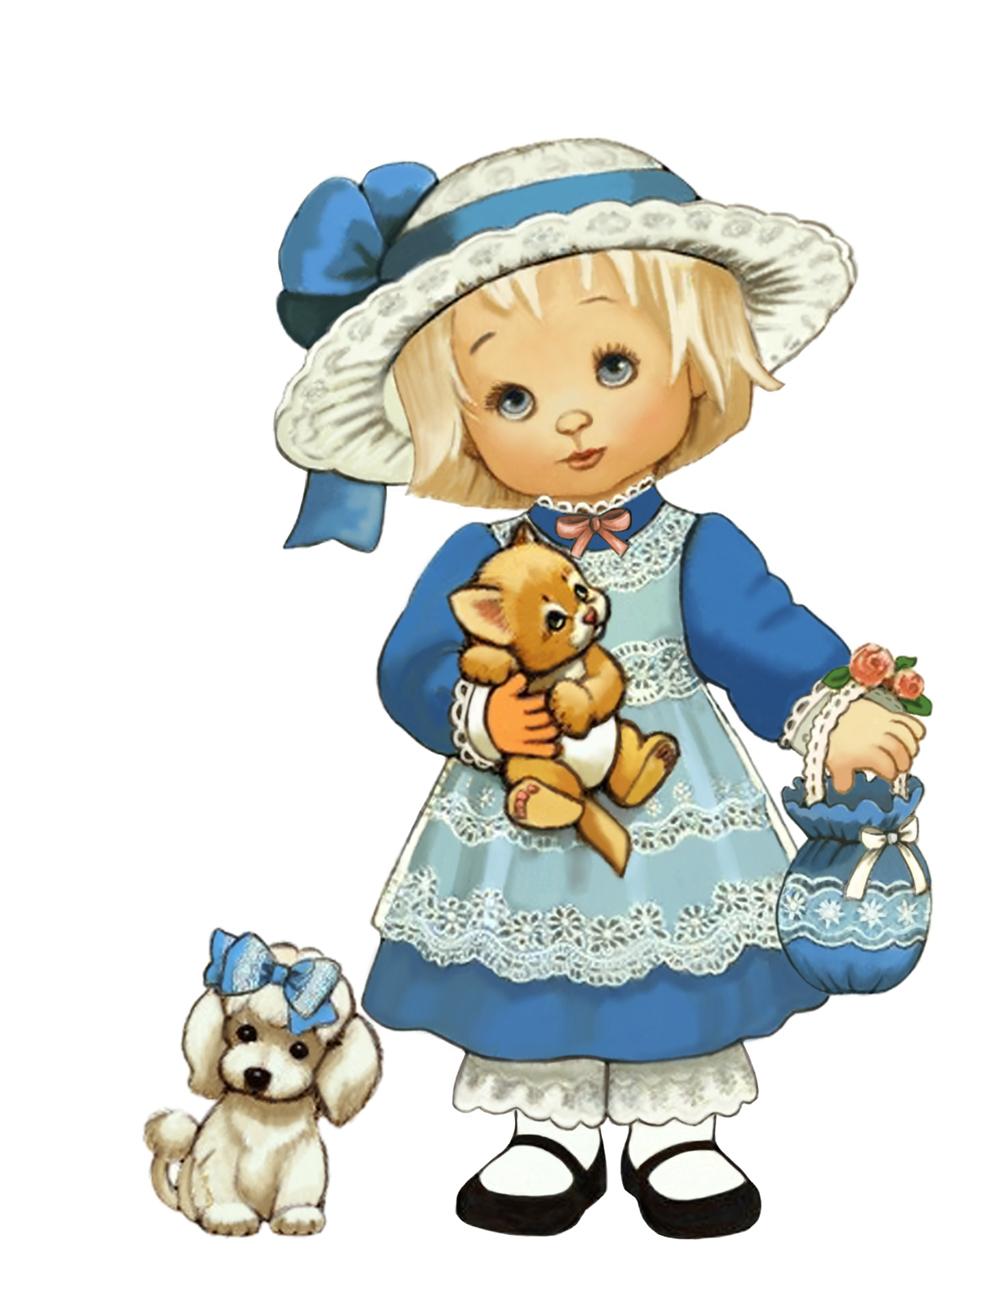 Папертоль Девочка с собачкой — главное фото сюжета.